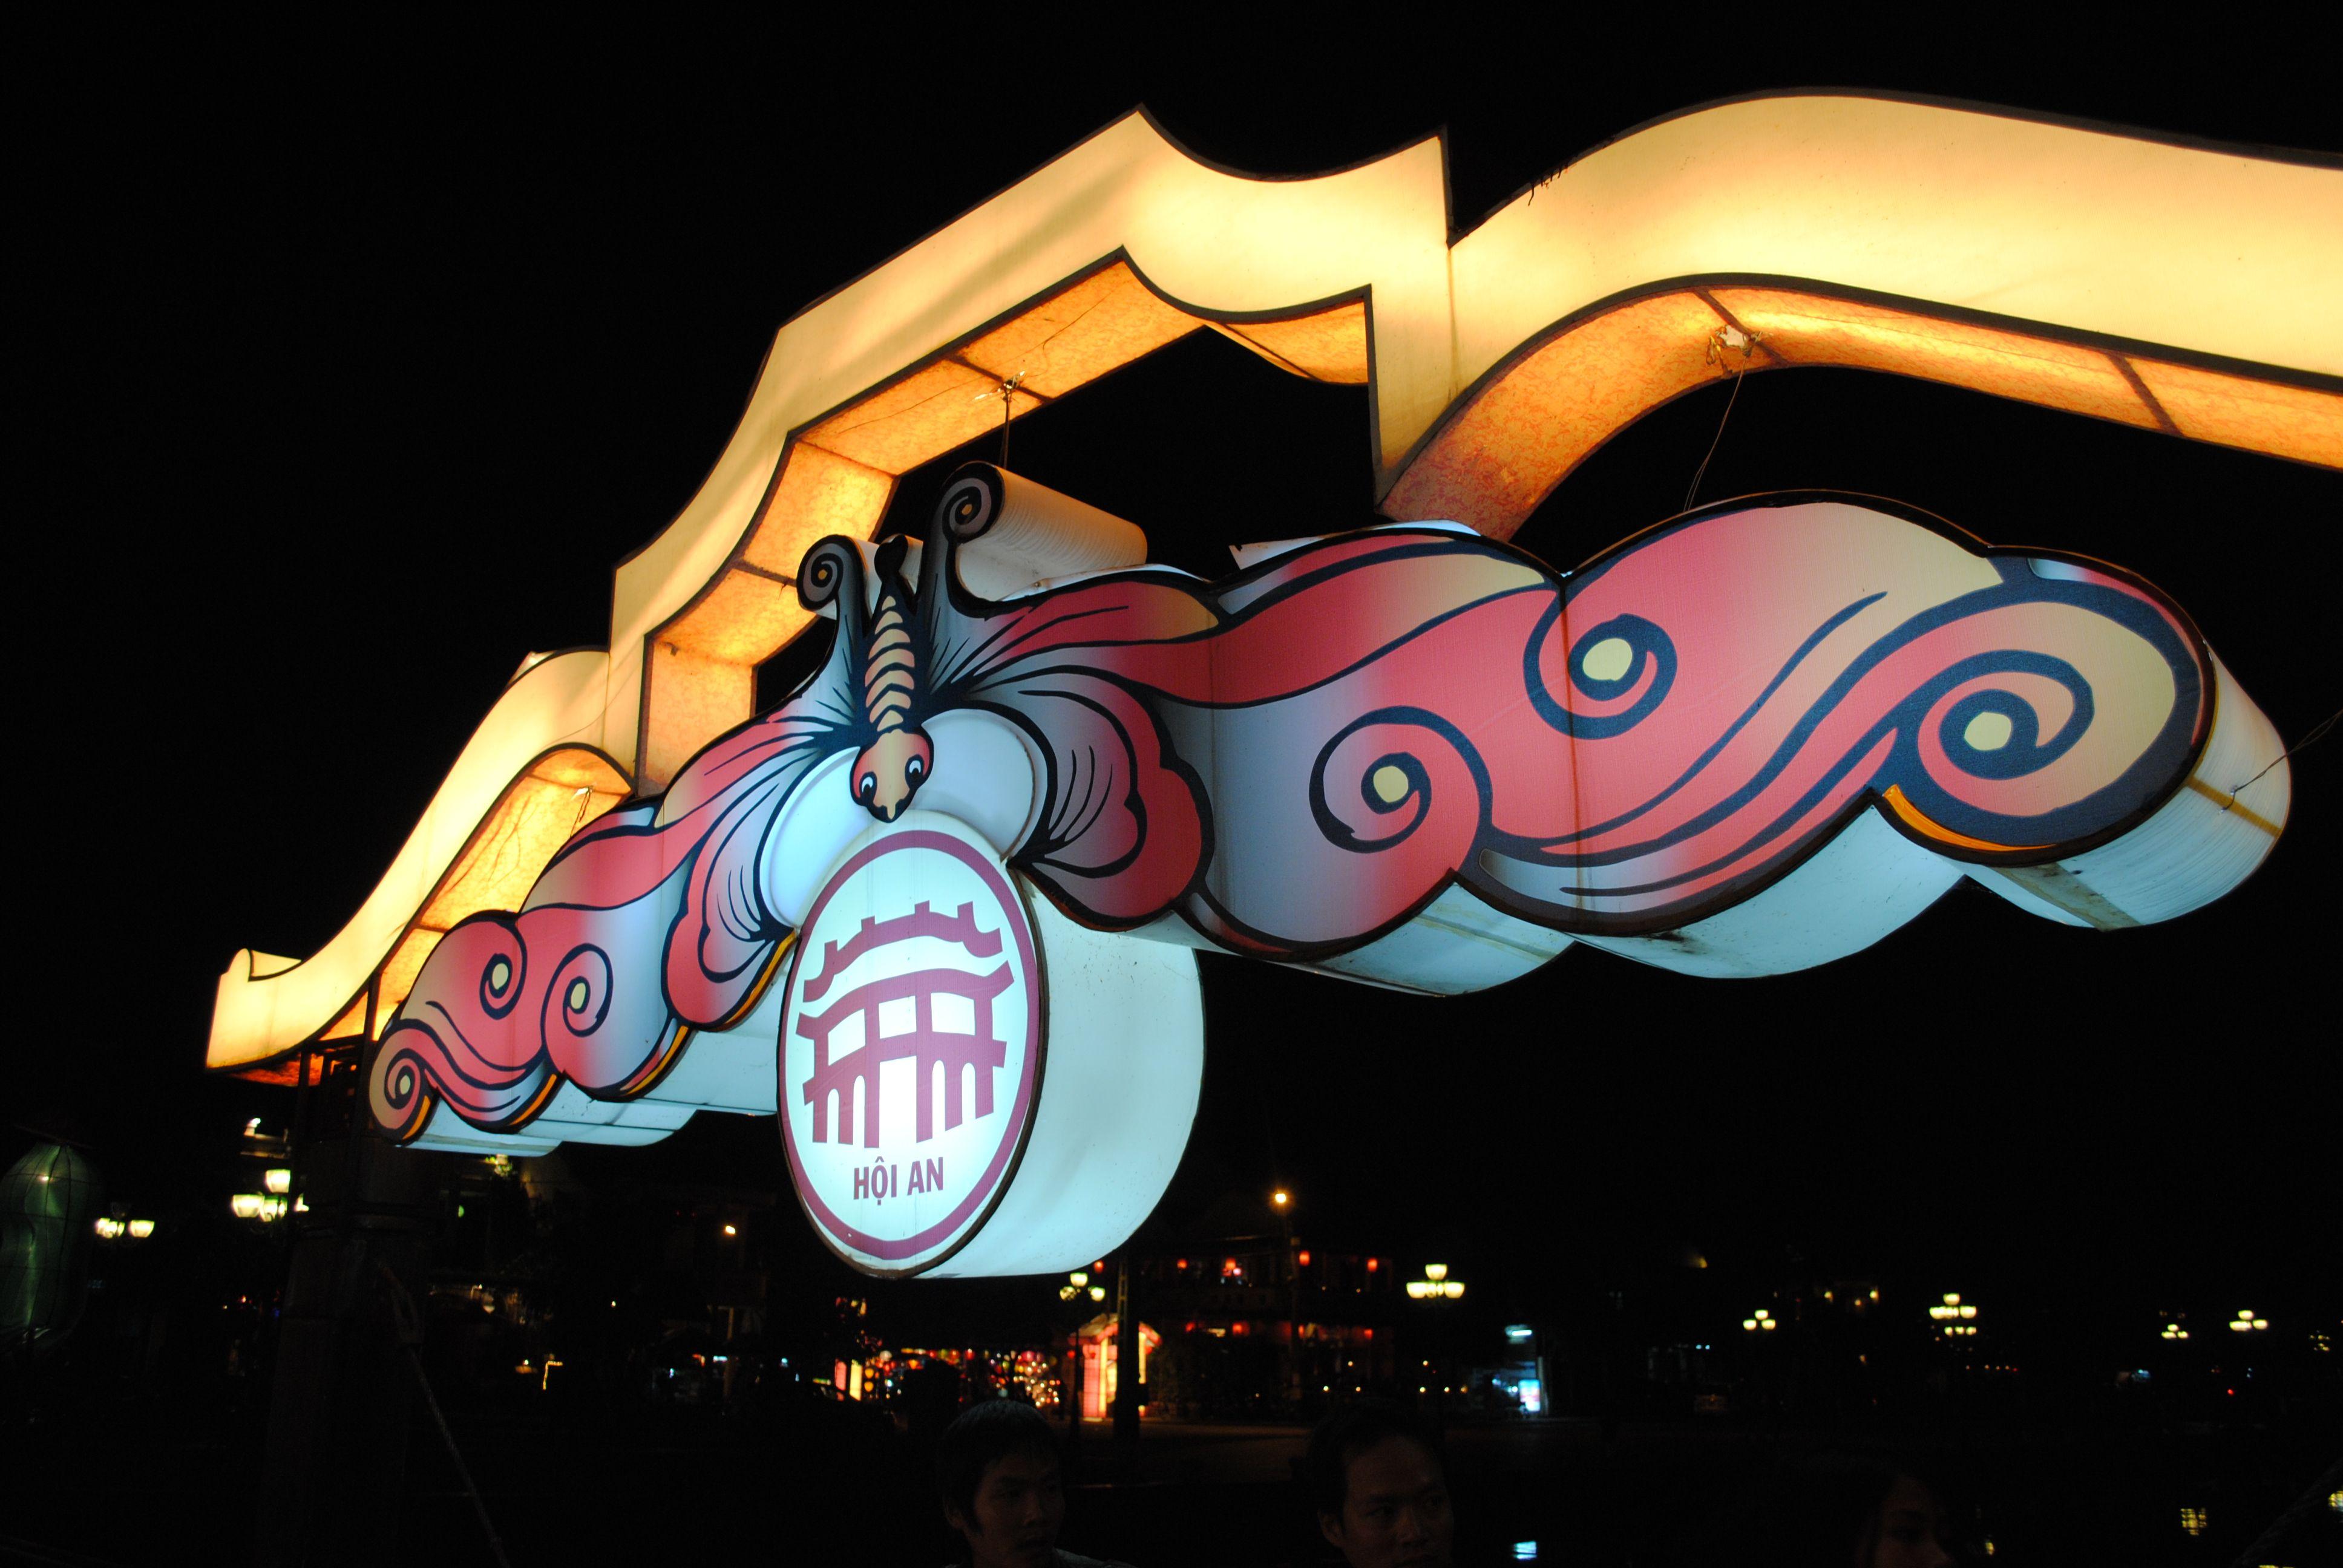 Lantern arch @ bridge across Hoi An river